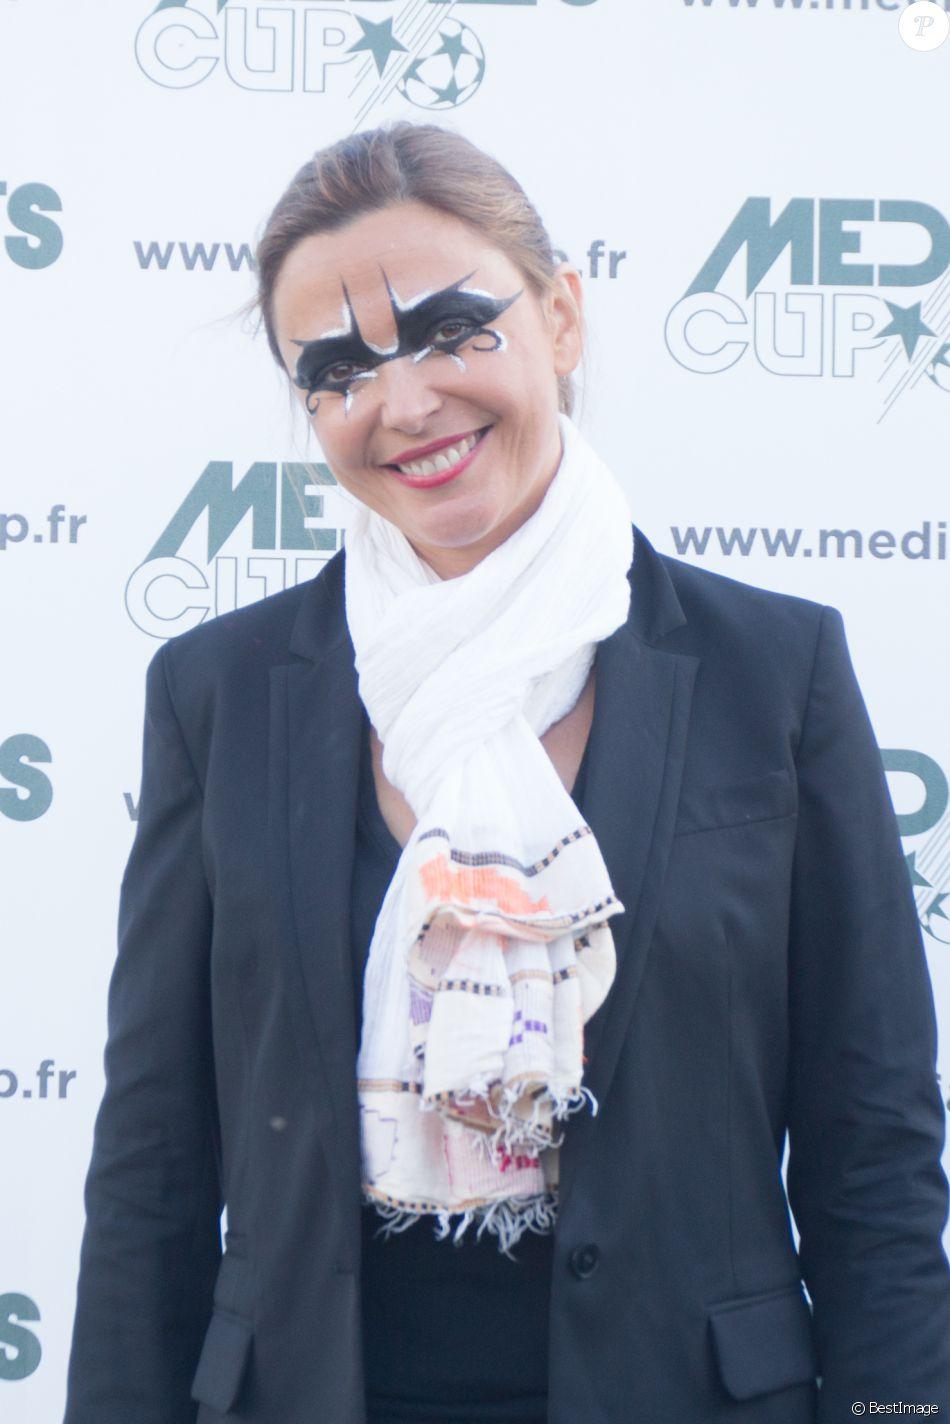 Sandrine Quétier (du groupe The Jokers) lors du tournoi de football Media Cup, un tournoi par équipe de production ou chaine de télévision, à Meudon. Le 2 juillet 2016